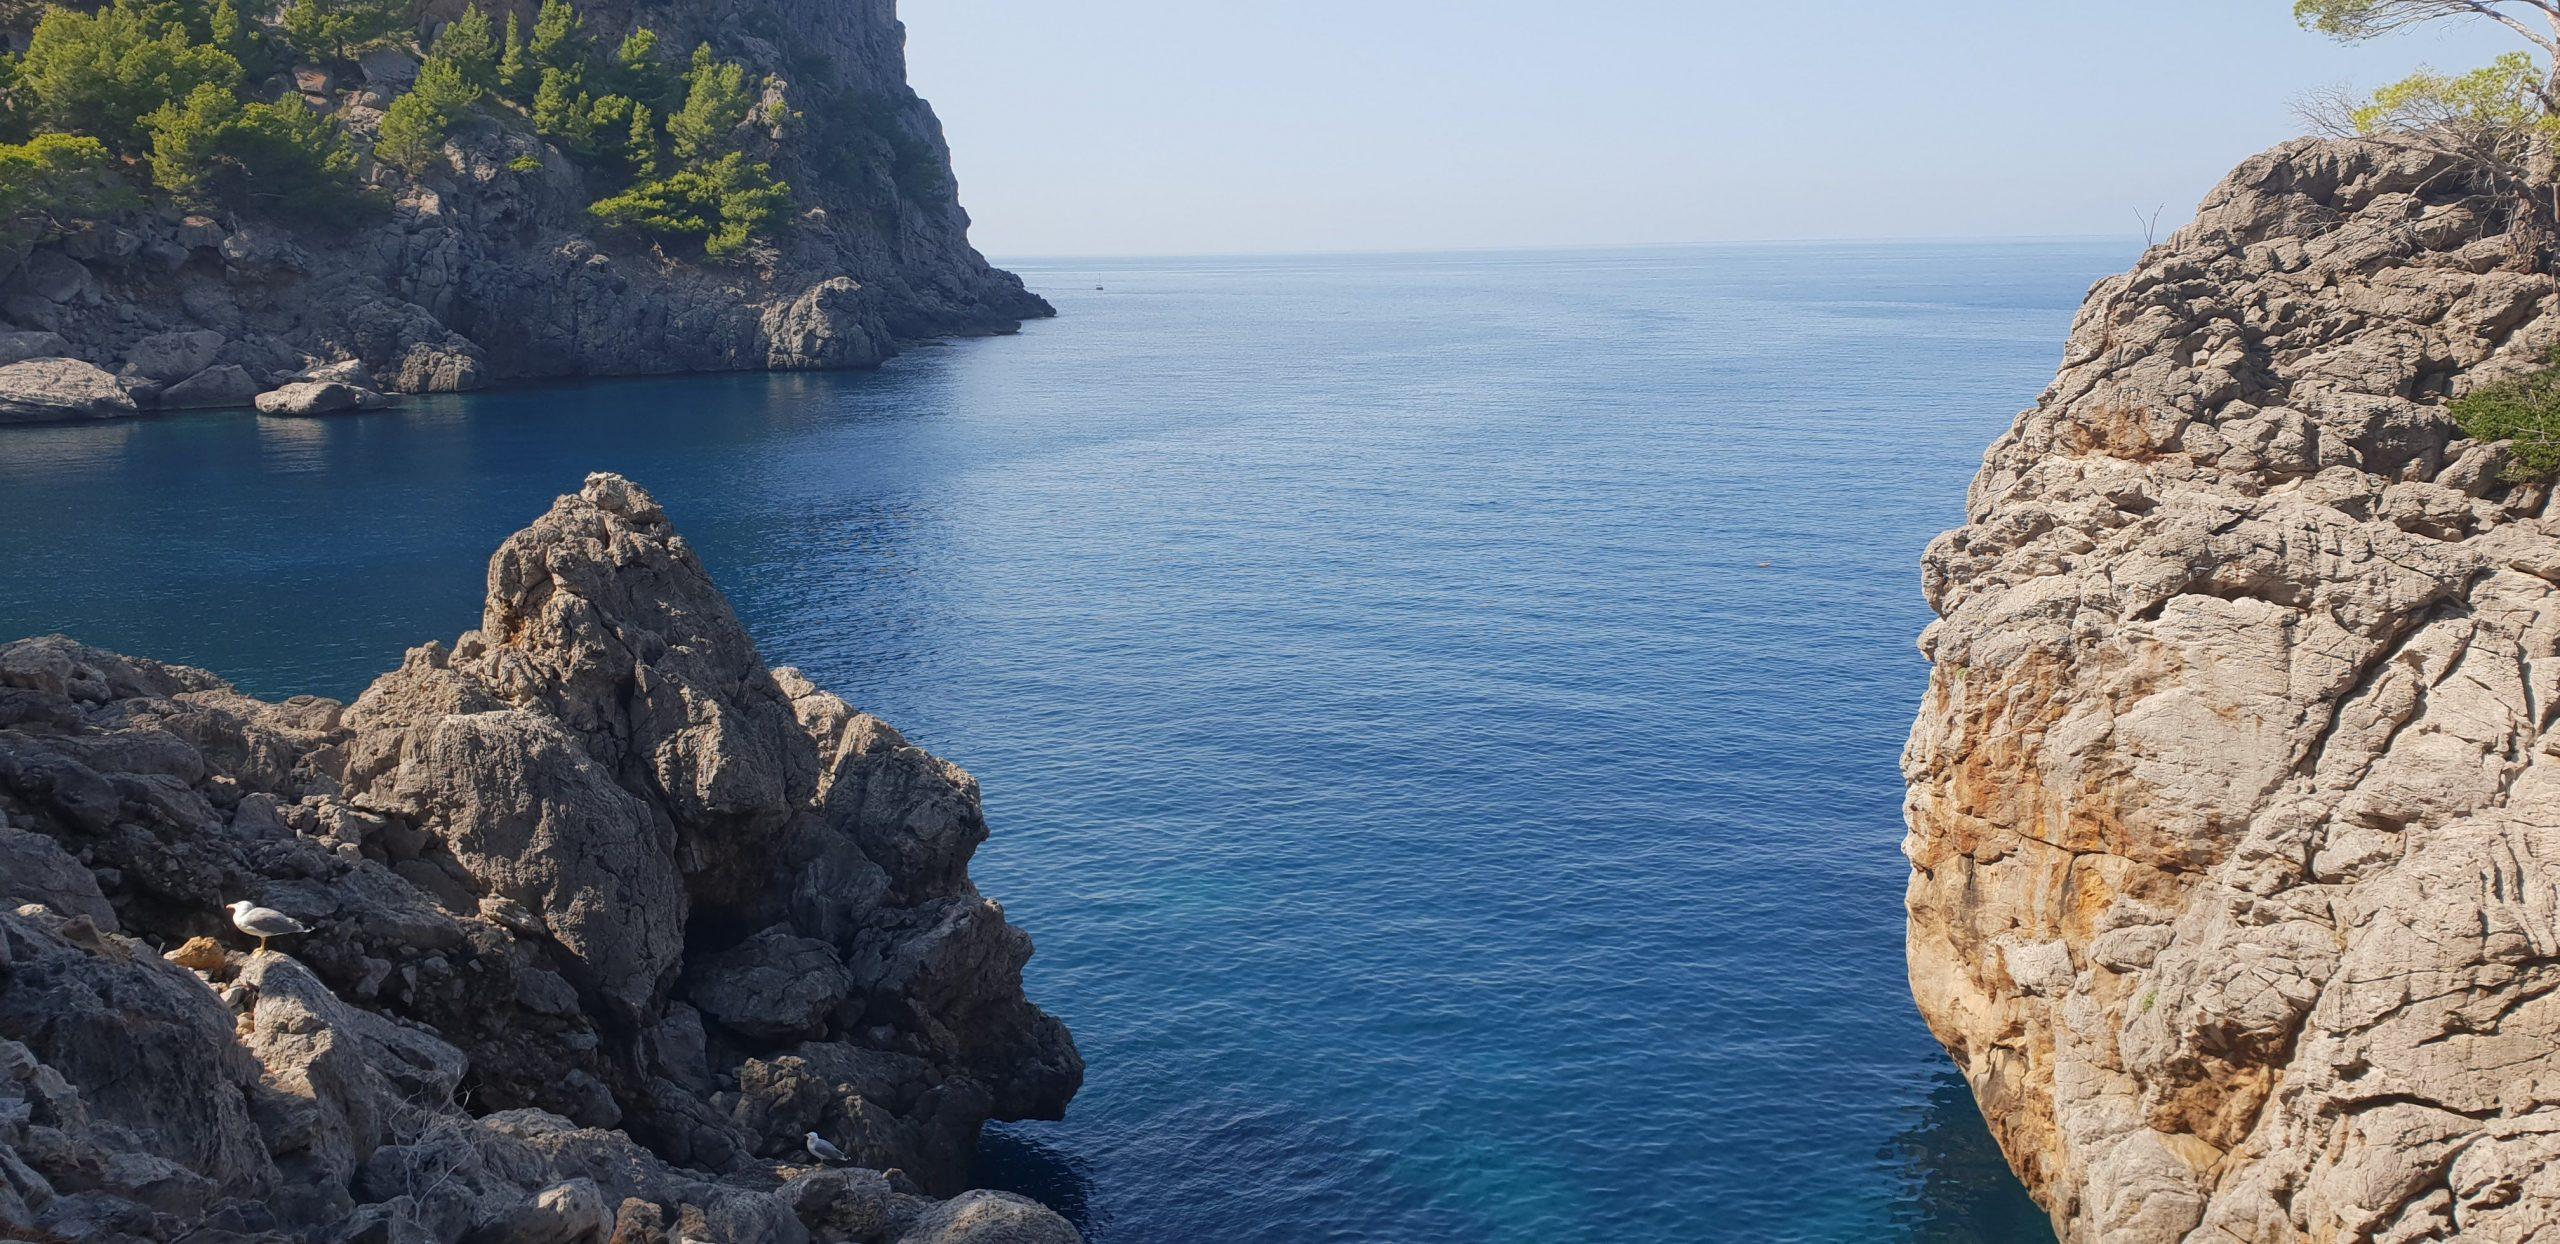 vacanță după Coronaviurs: Insula Mallorca